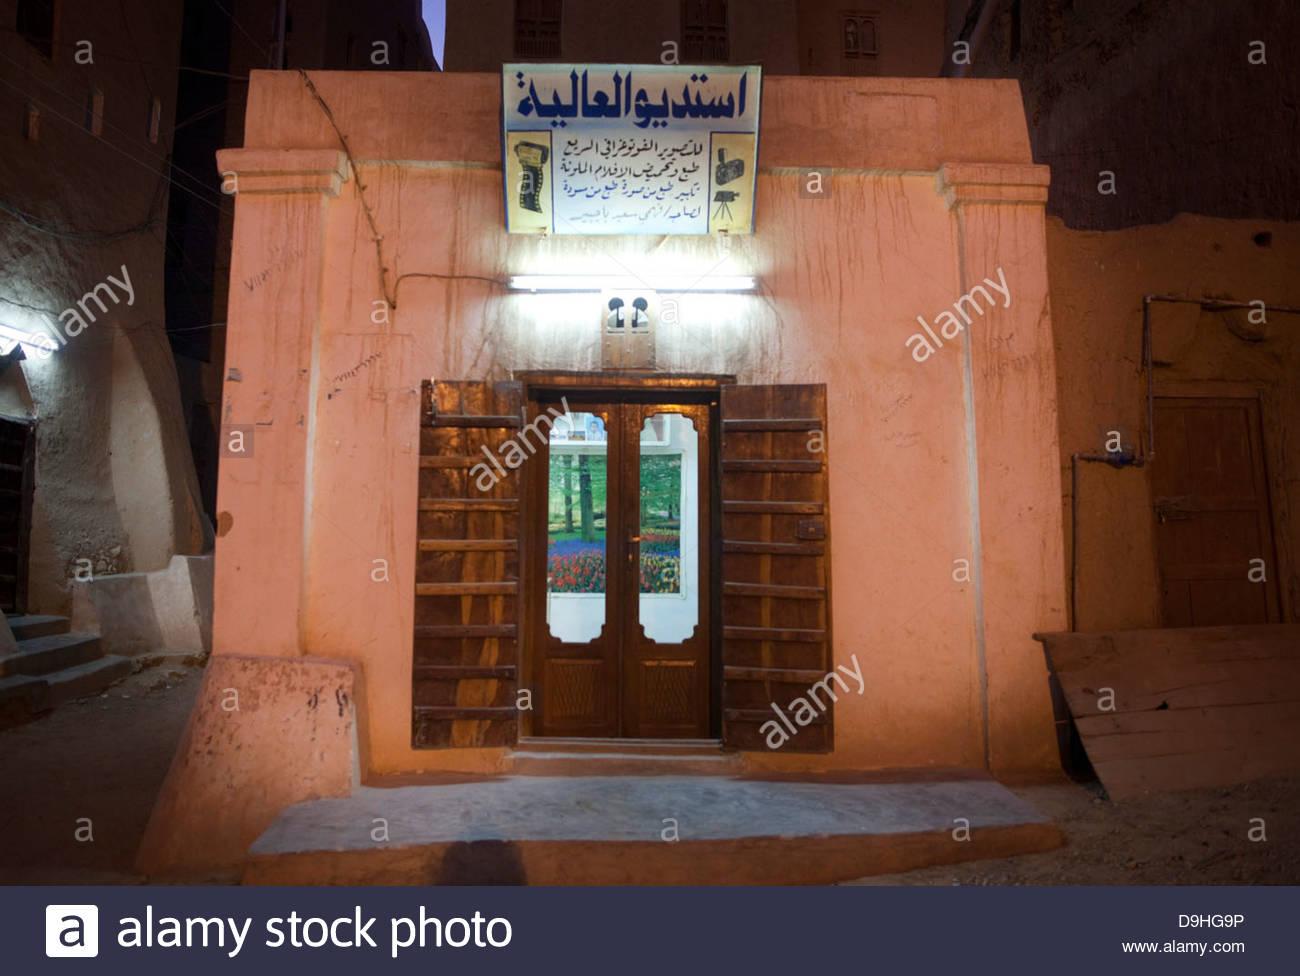 Facade of a house, Shibam, Hadhramaut, Yemen - Stock Image